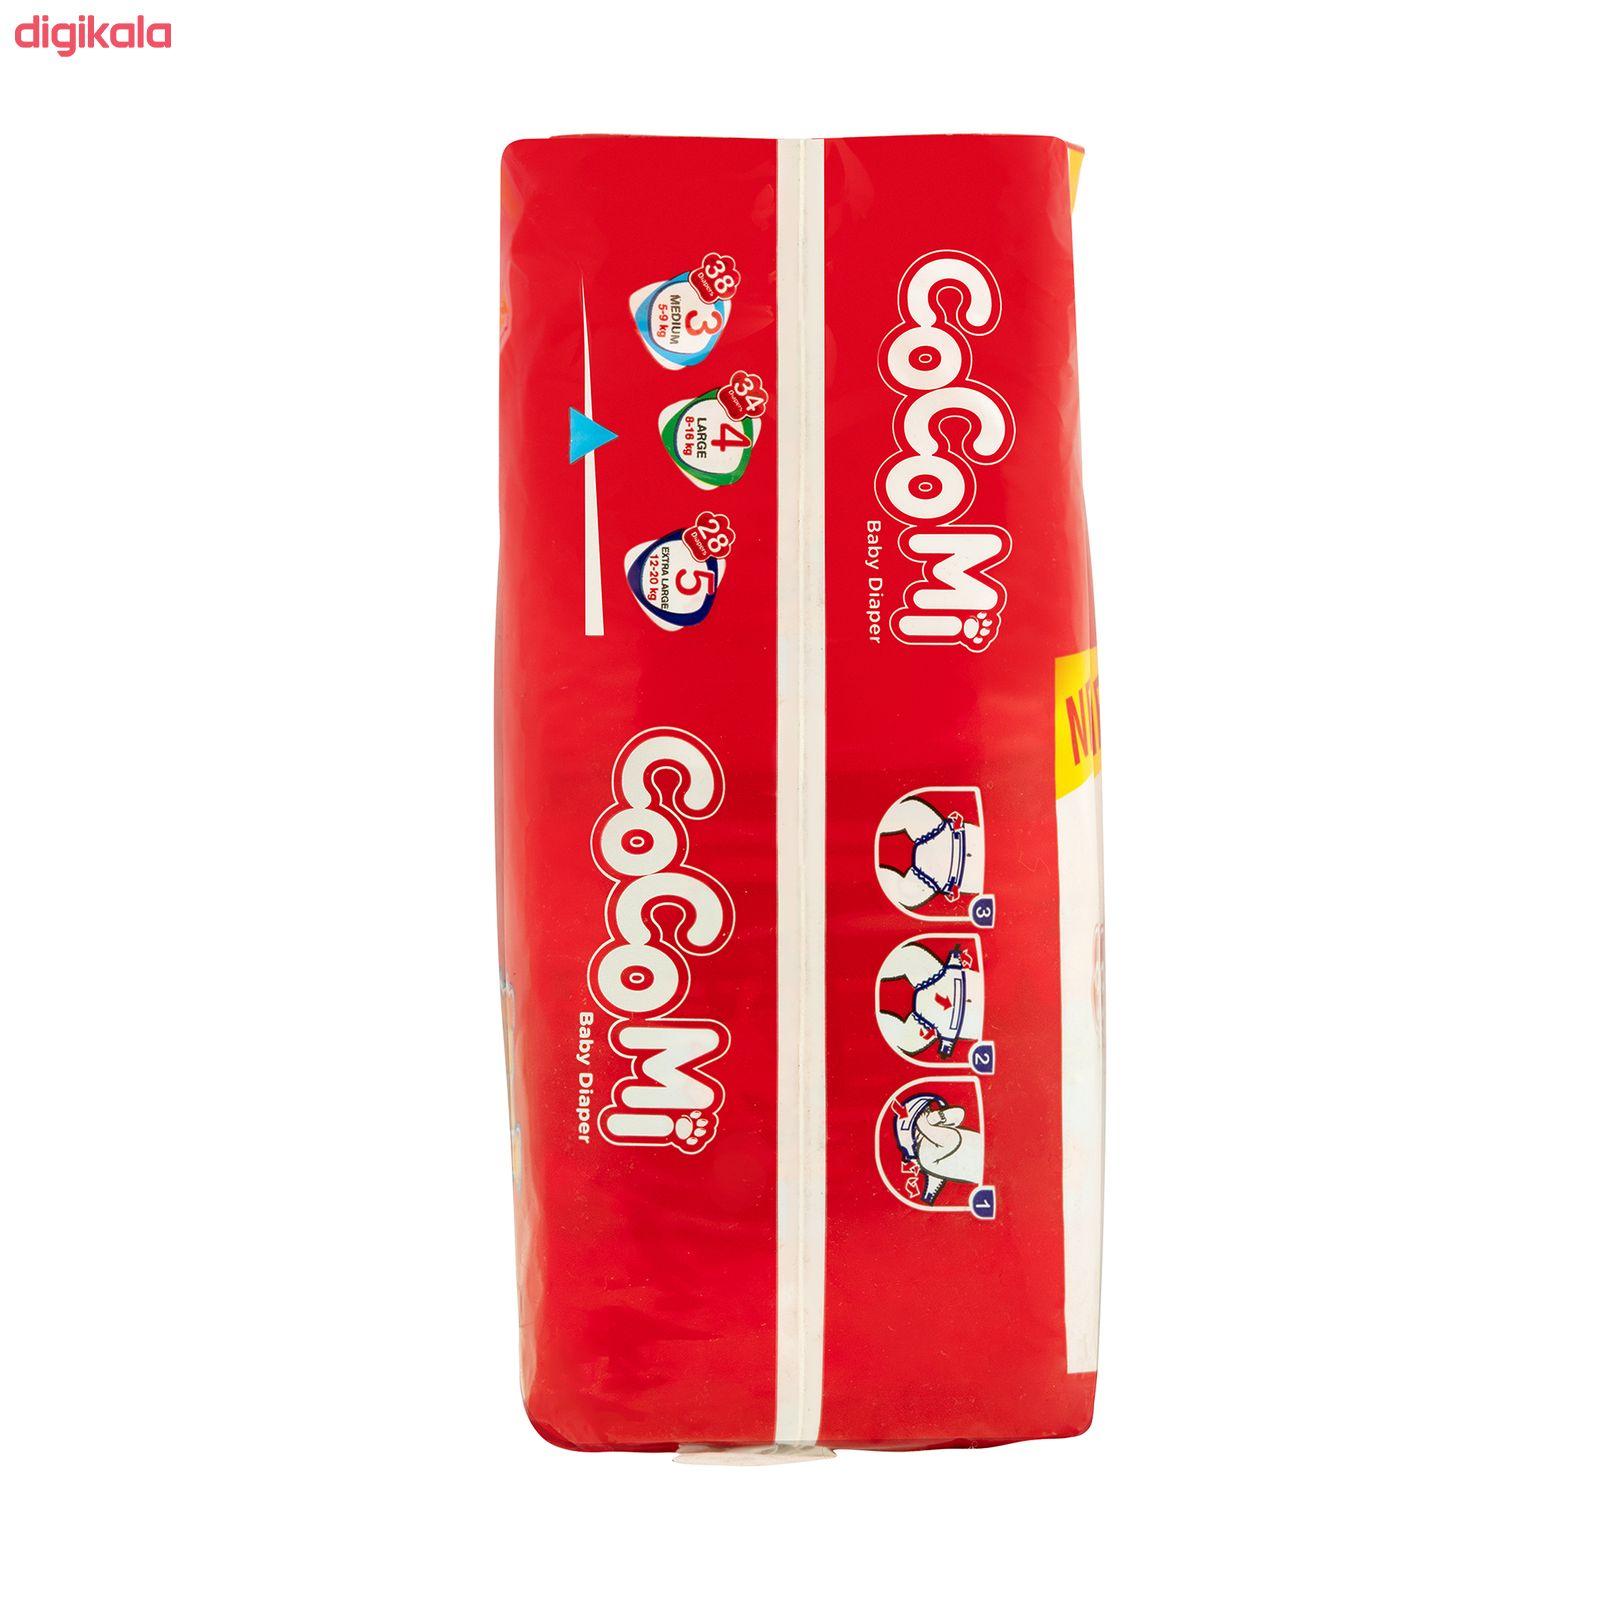 پوشک کوکومی مدل Economy Pack سایز 4 بسته 34 عددی main 1 5